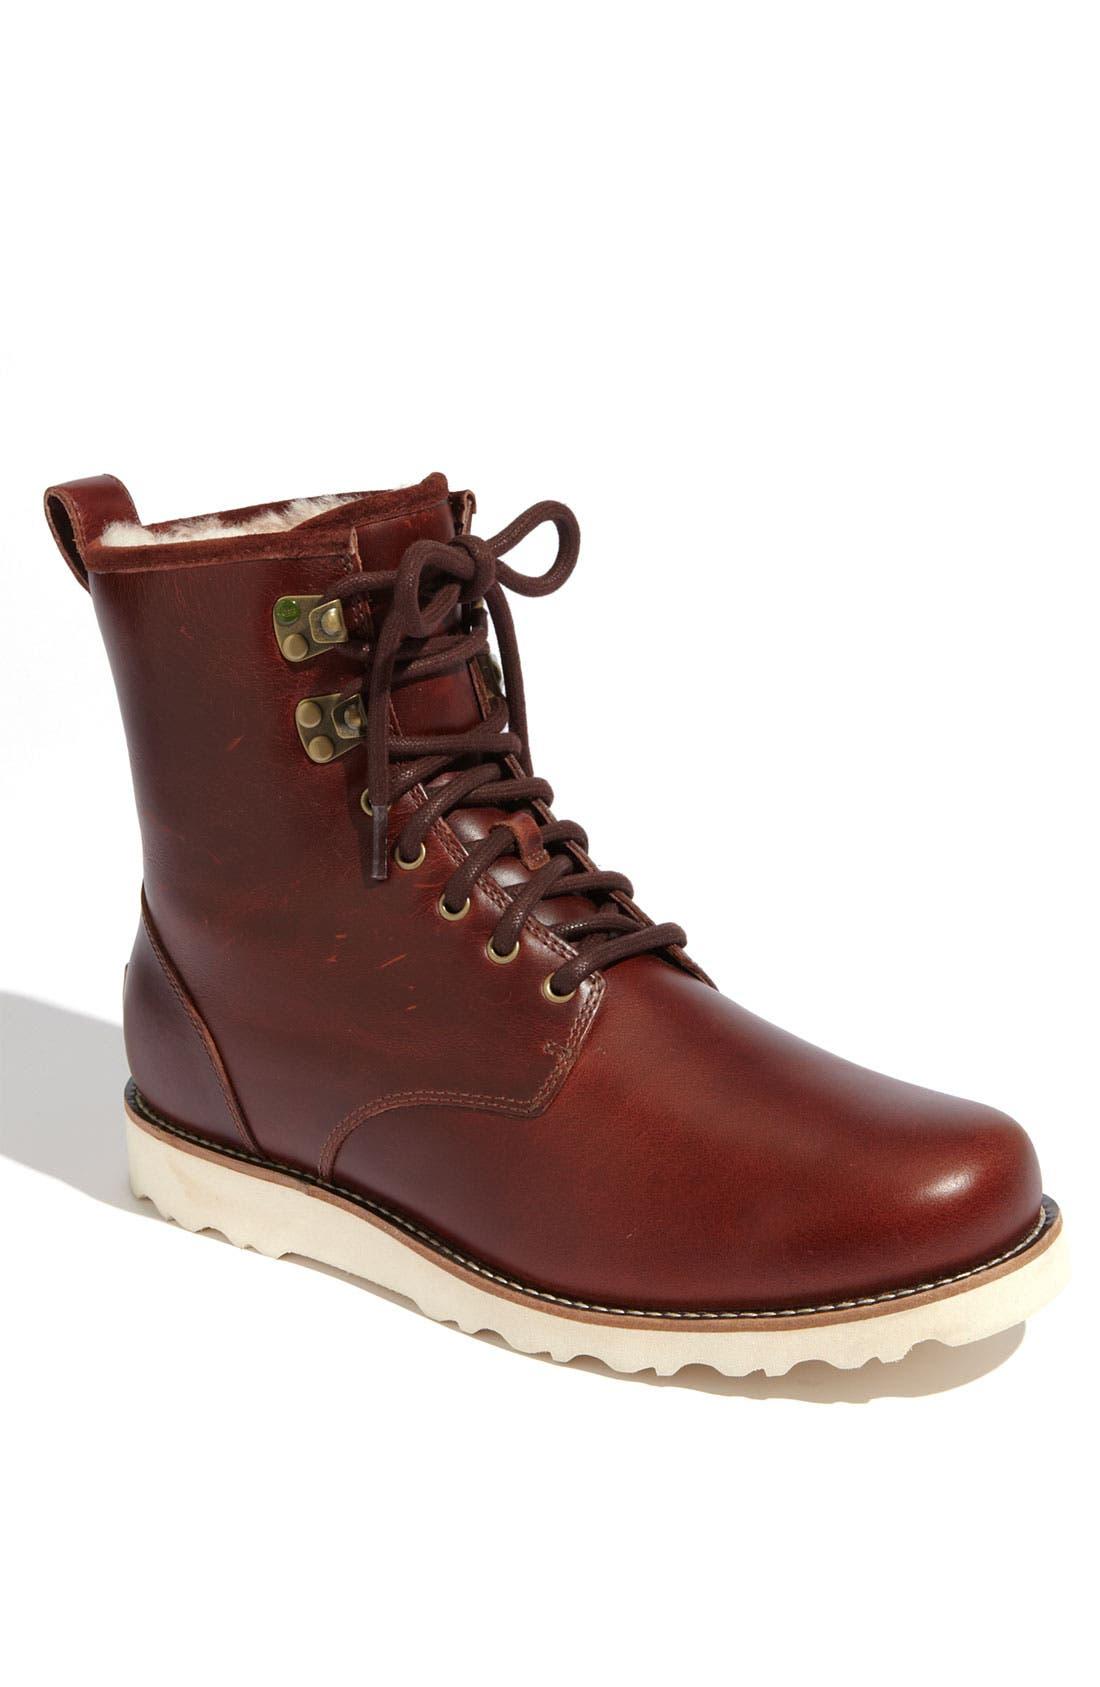 Alternate Image 1 Selected - UGG® Australia 'Hannen' Boot (Men)